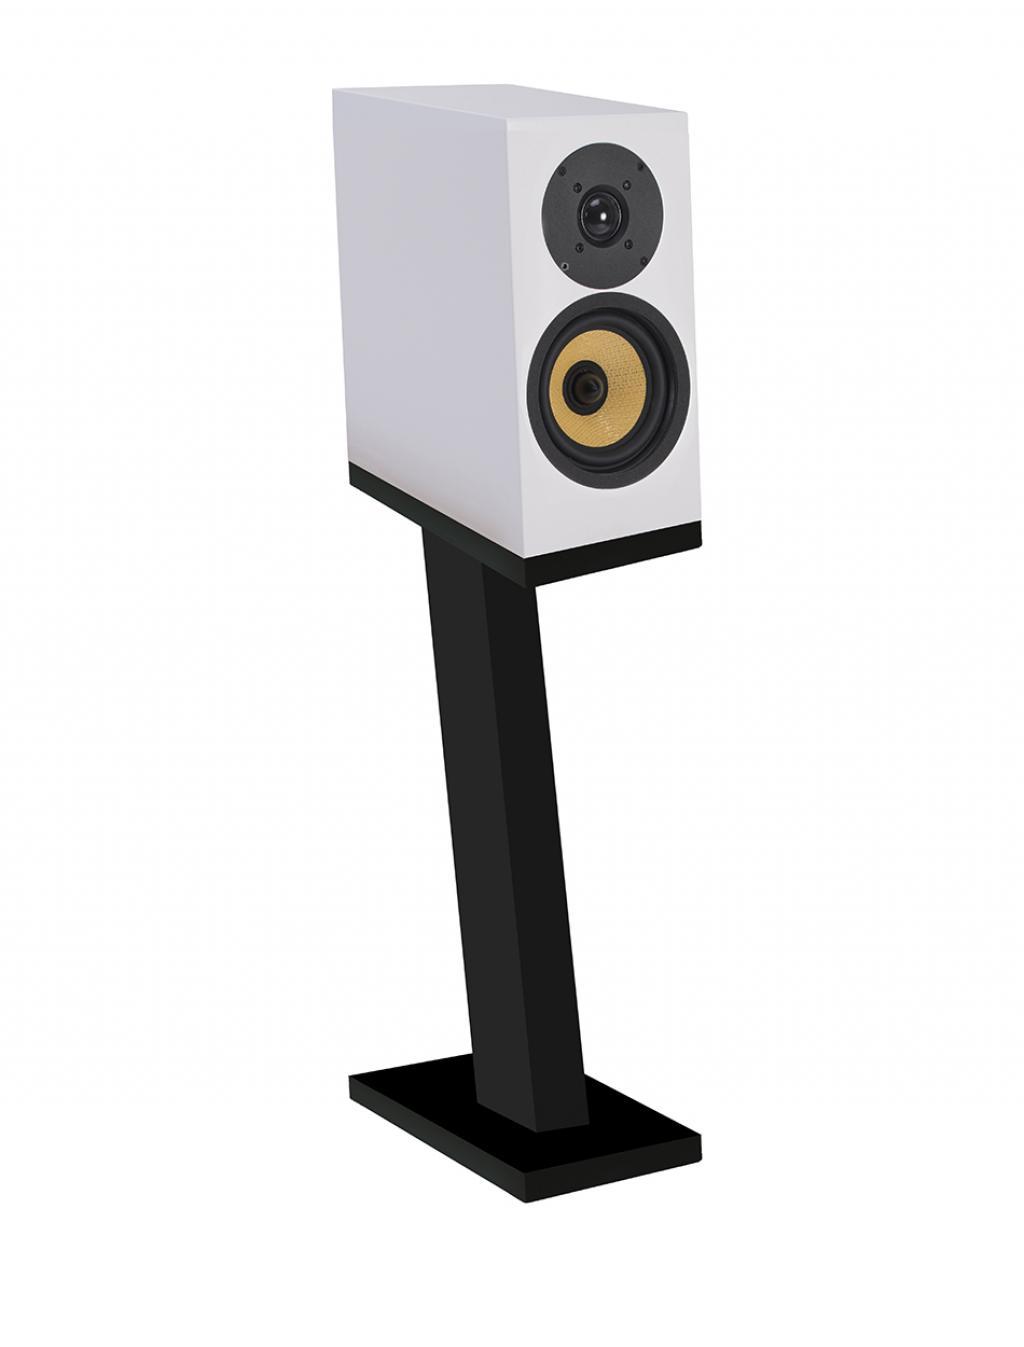 Boxe Davis Acoustics Courbet N 3 White matt